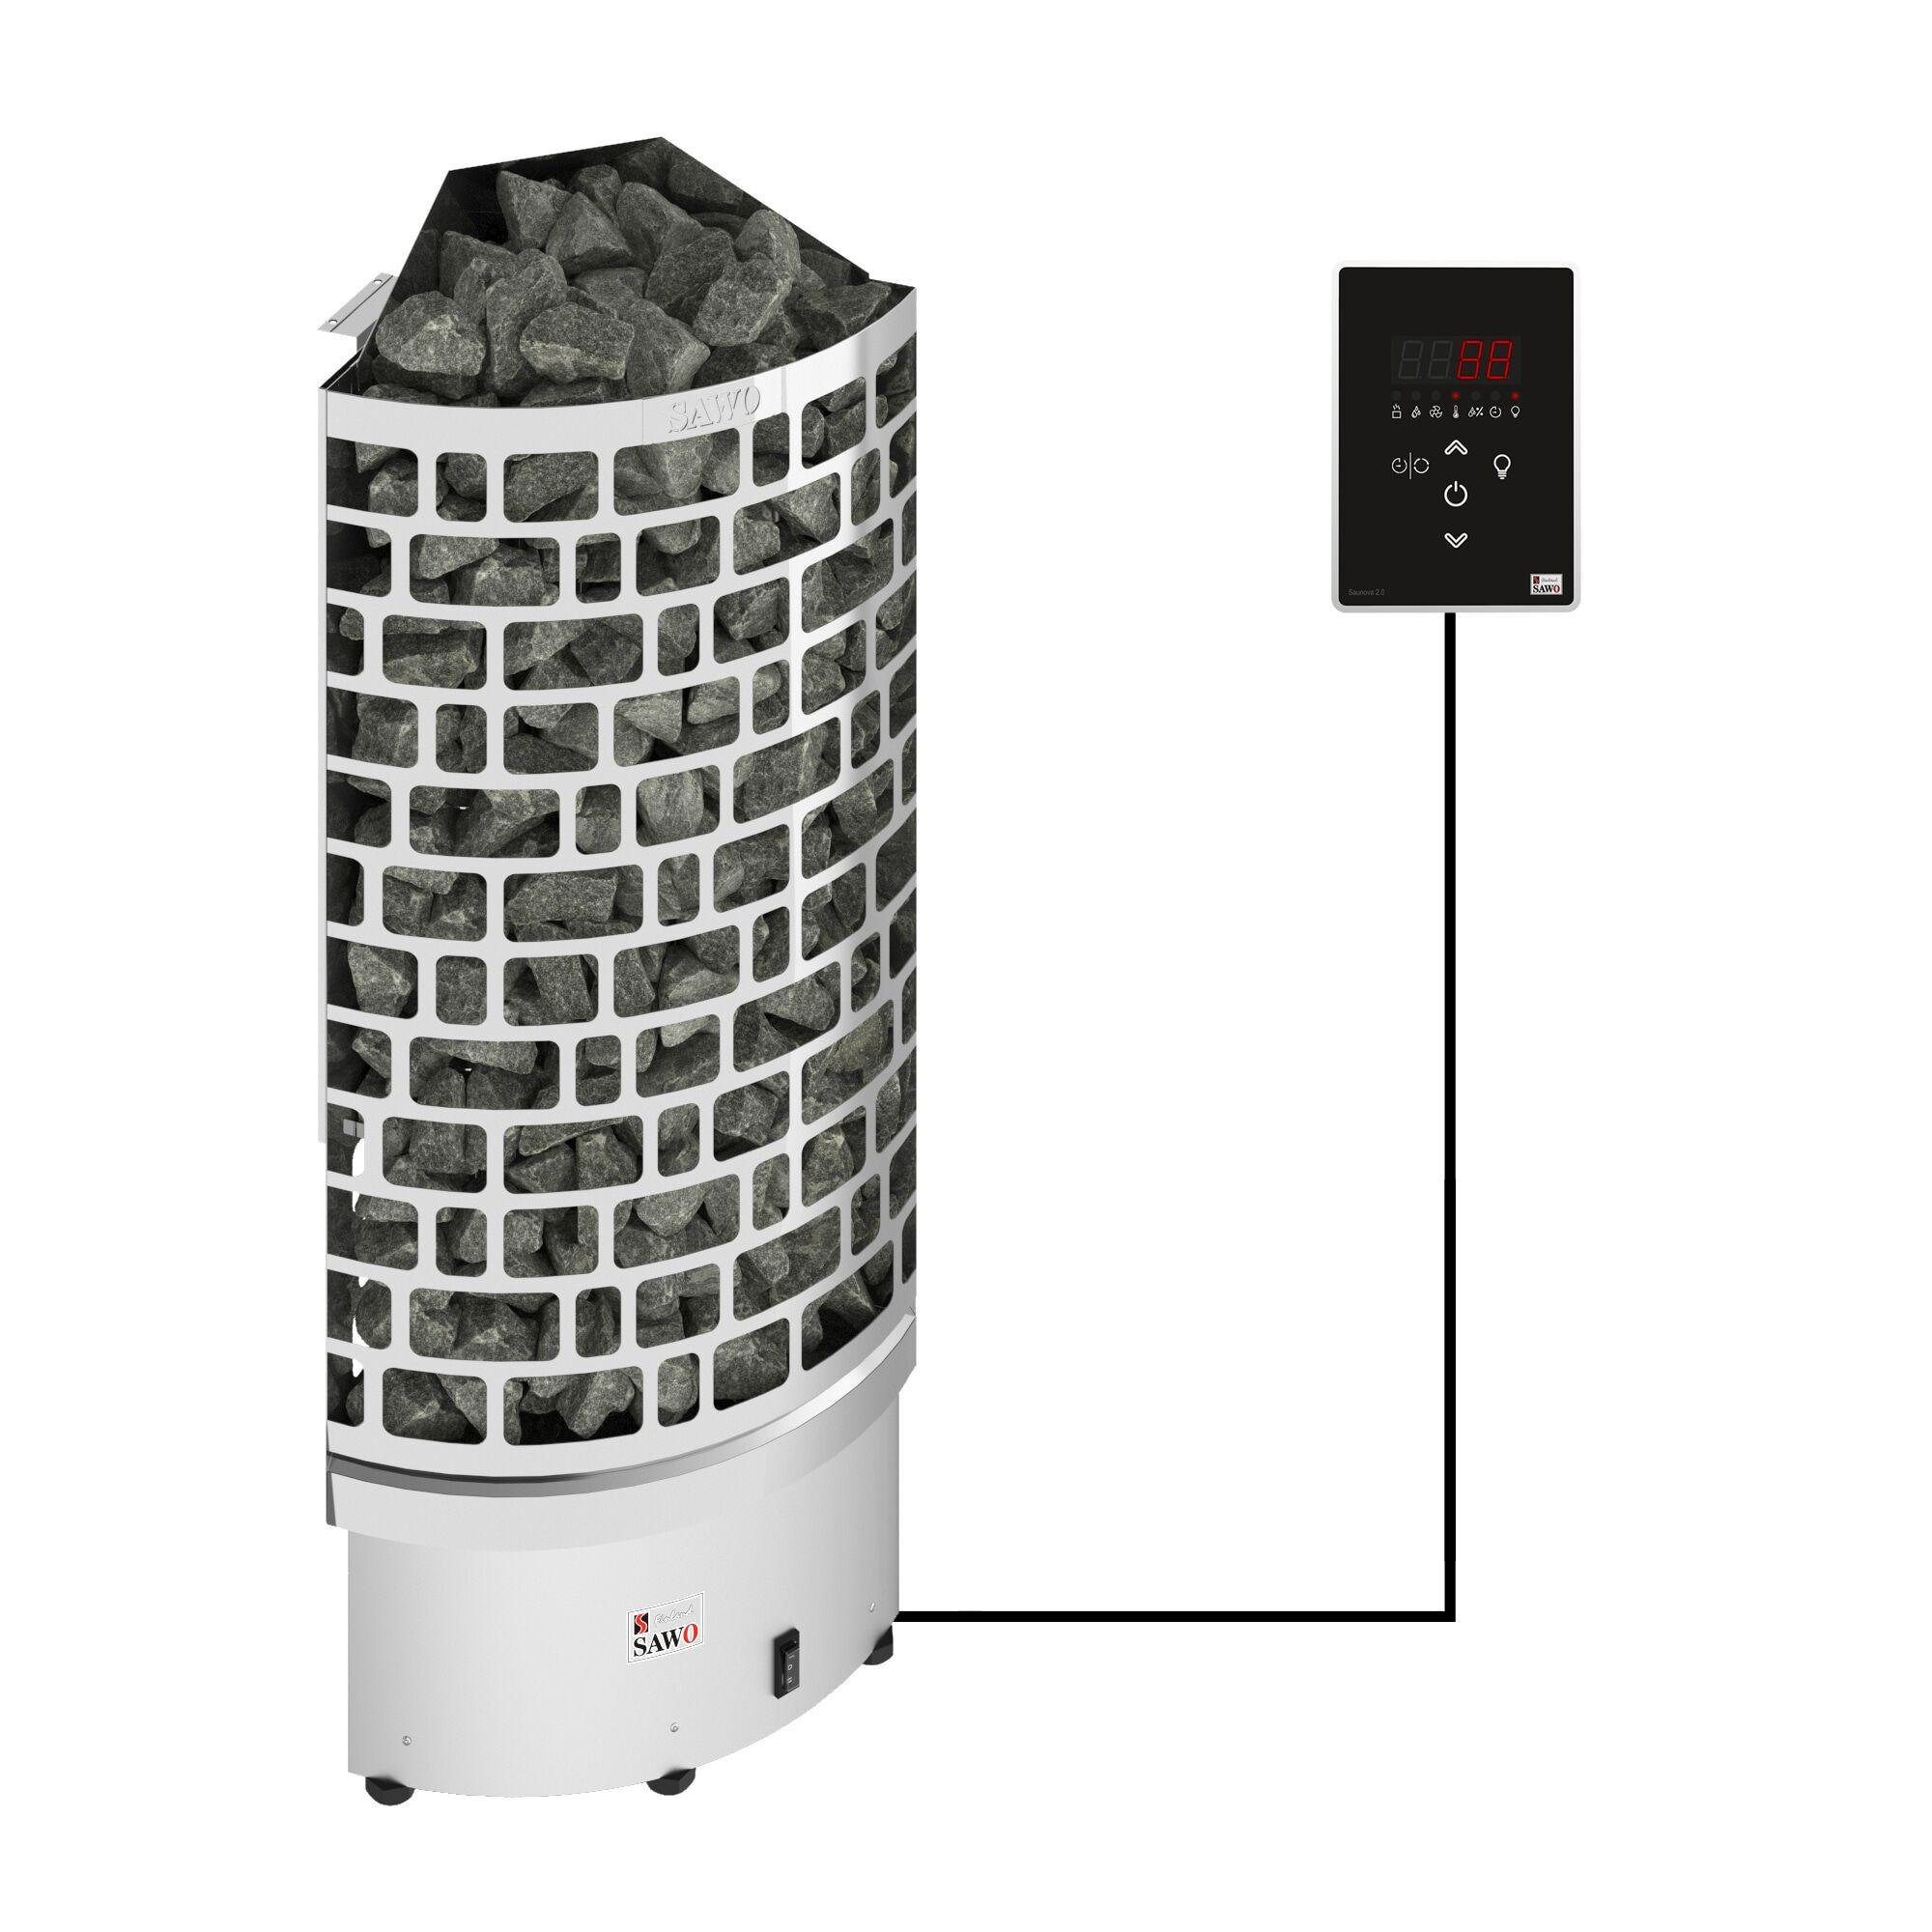 Sawo Aries Corner Ni2 9 kW sähkökiuas erillisellä ohjauskeskuksella